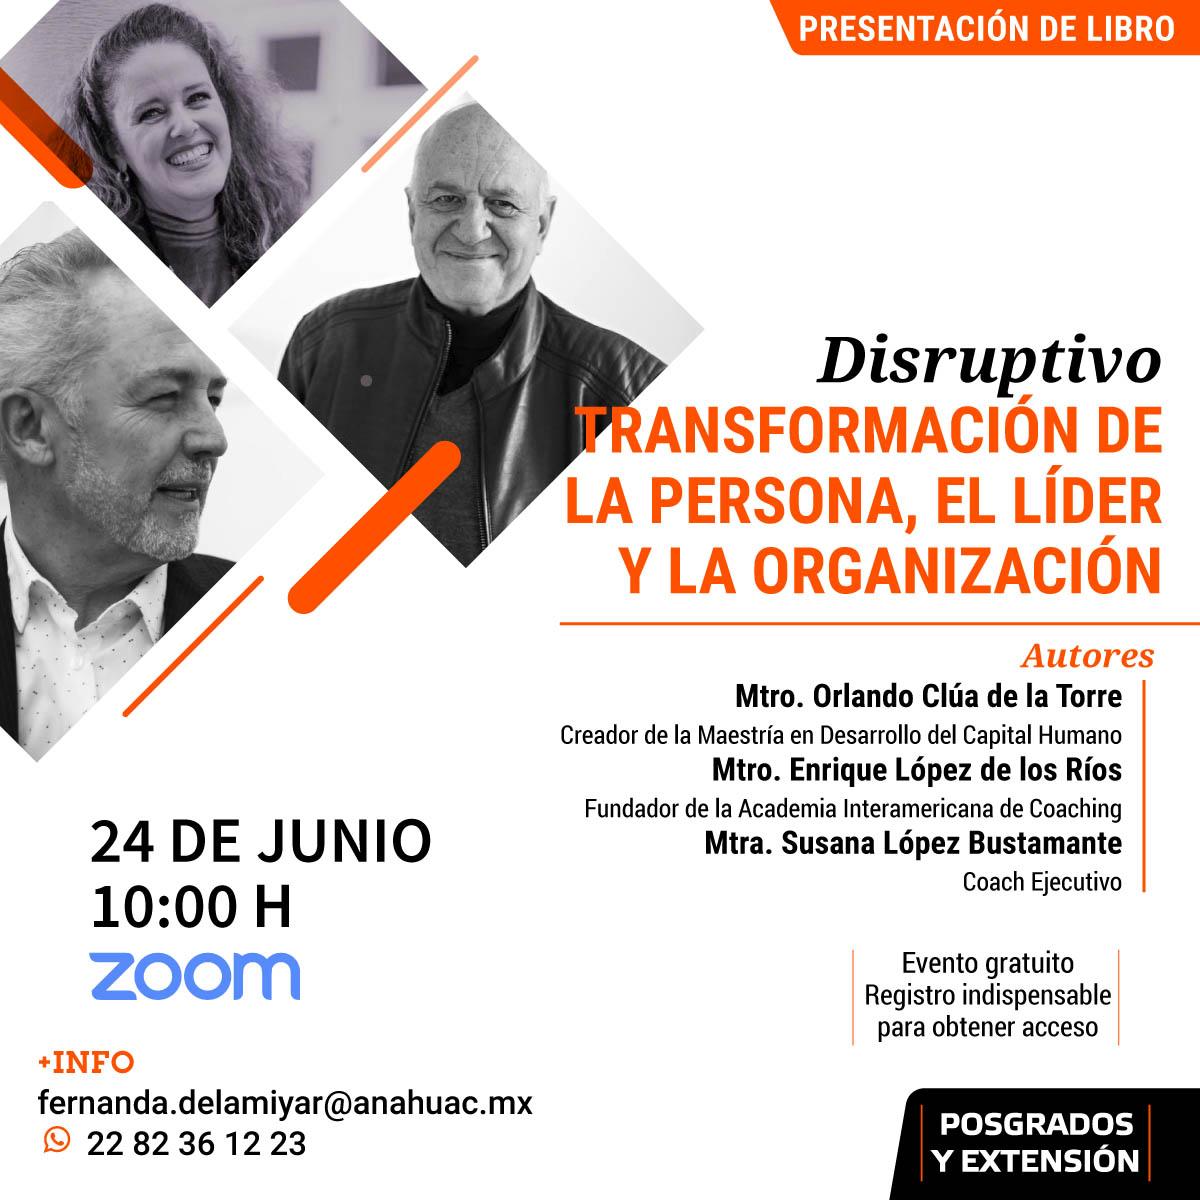 Presentación de Disruptivo: Transformación de la Persona, el Líder y la Organización